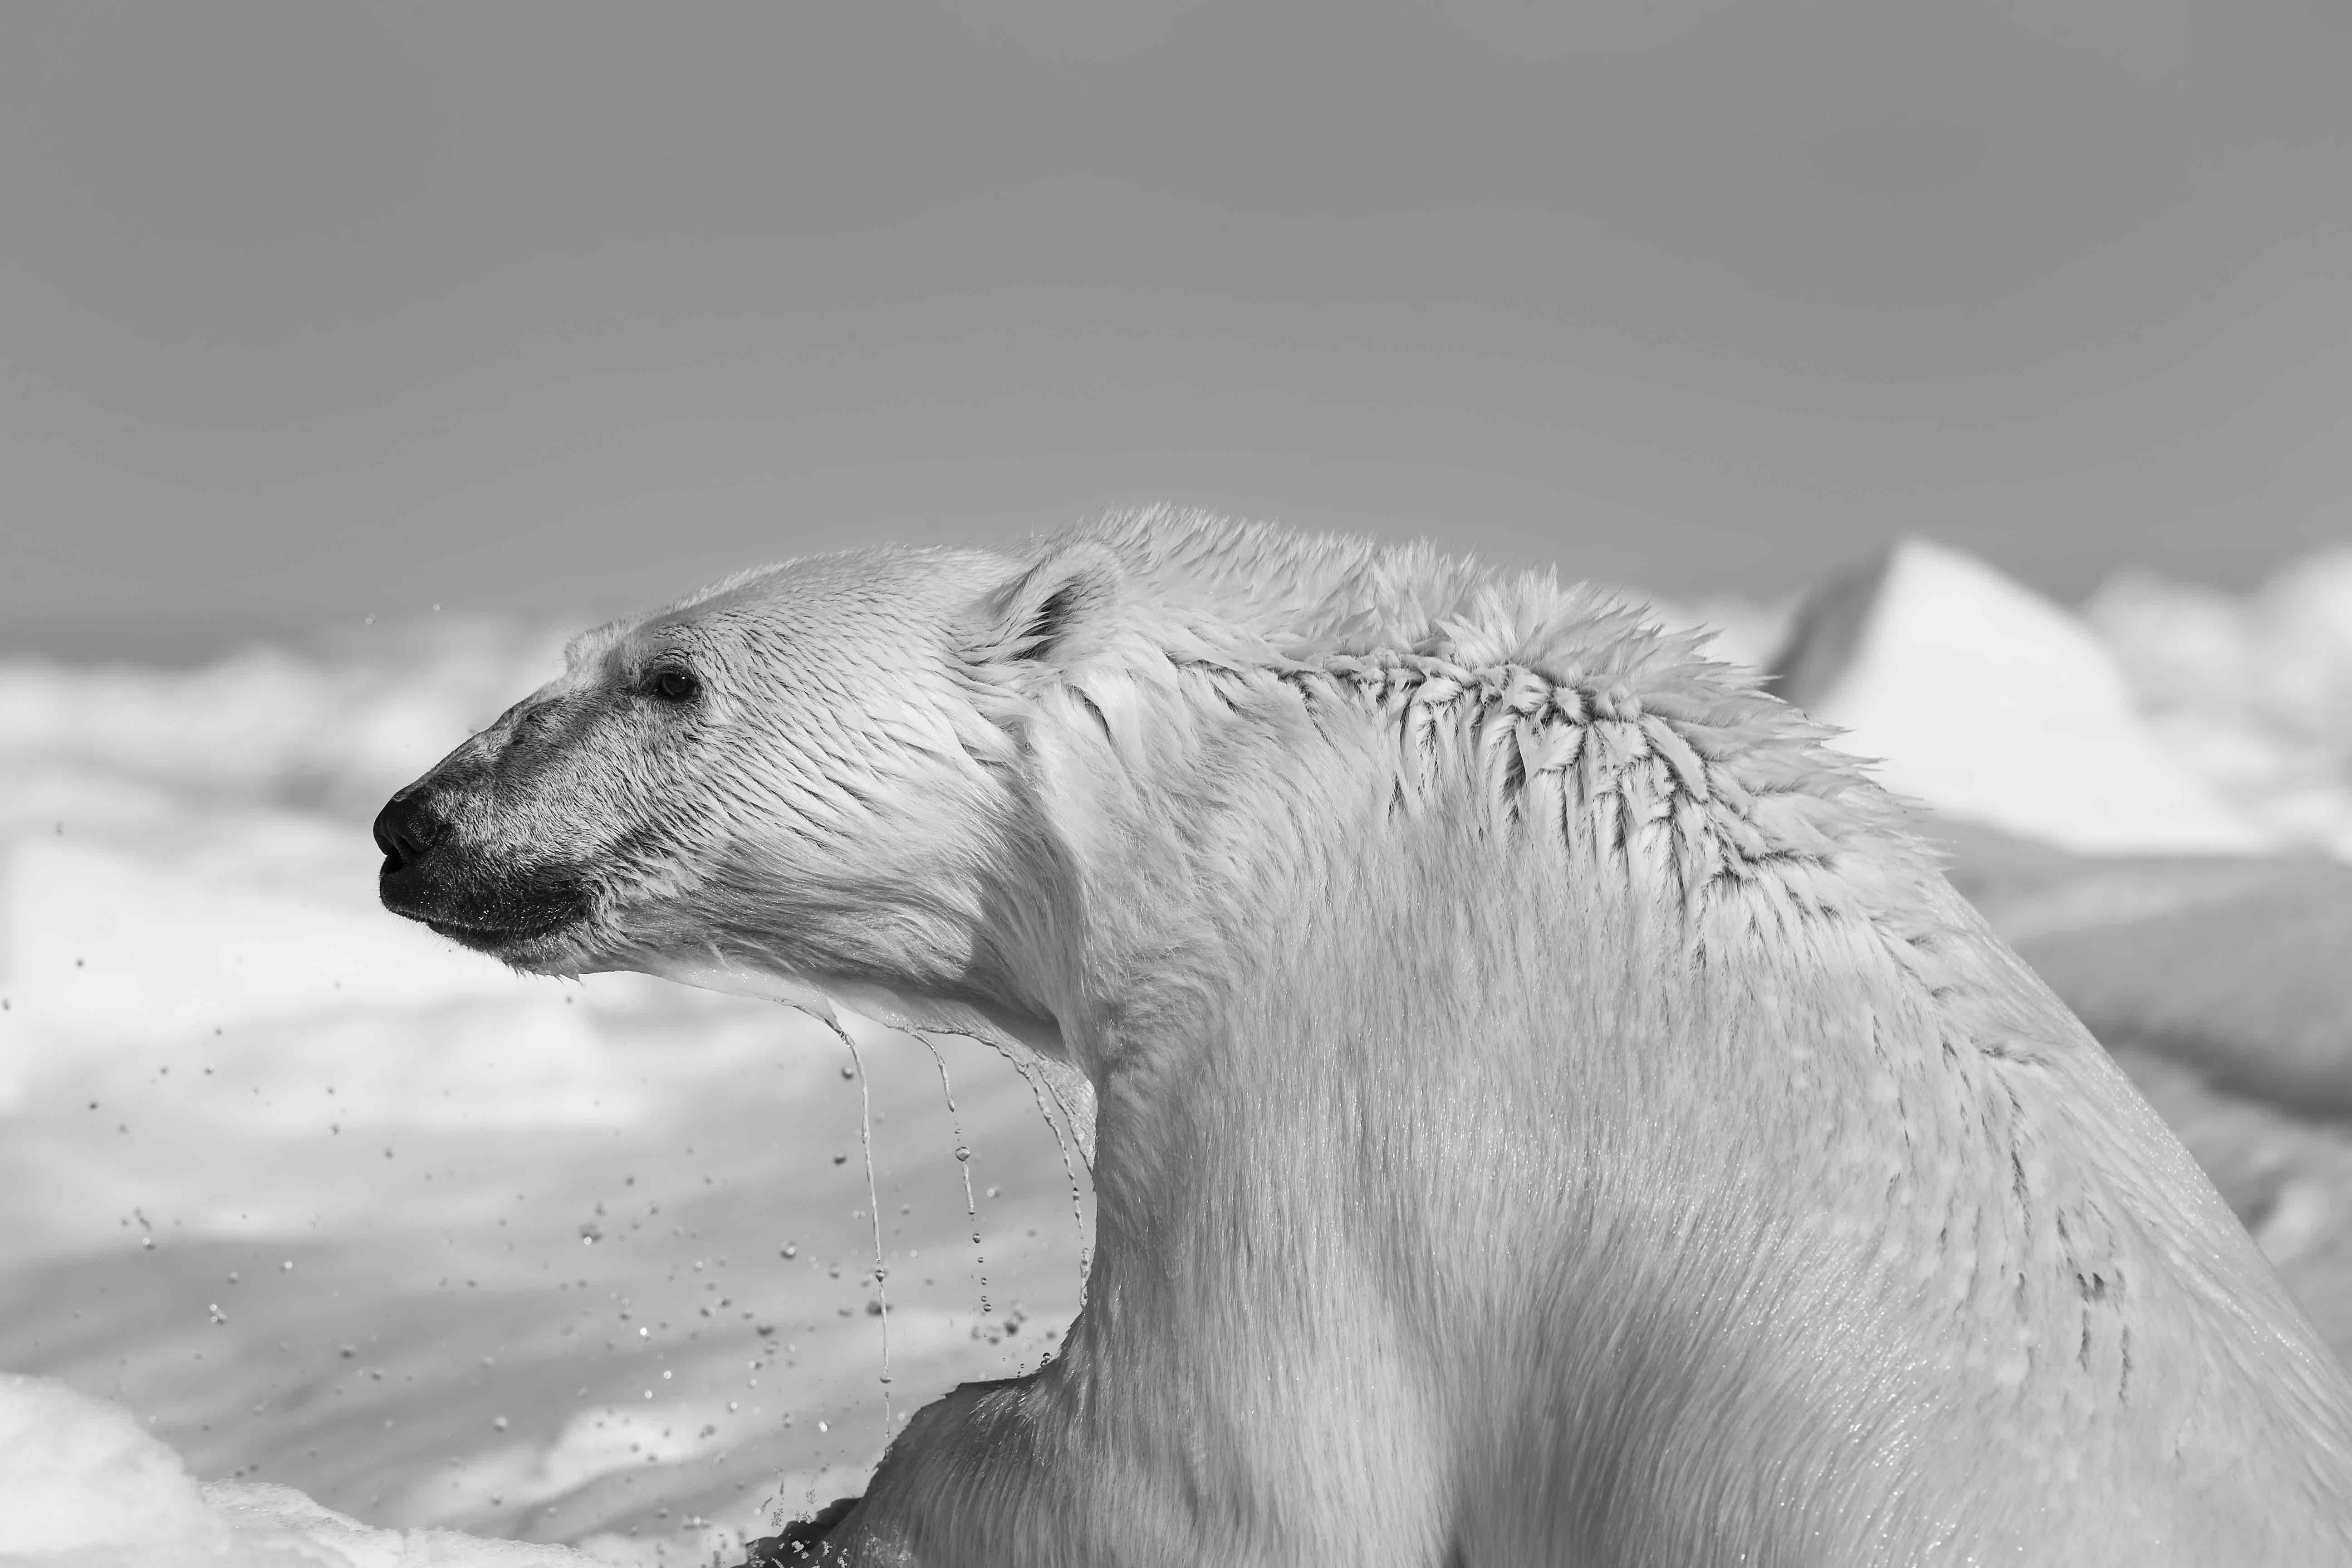 © Carsten Egevang, Groenlandia